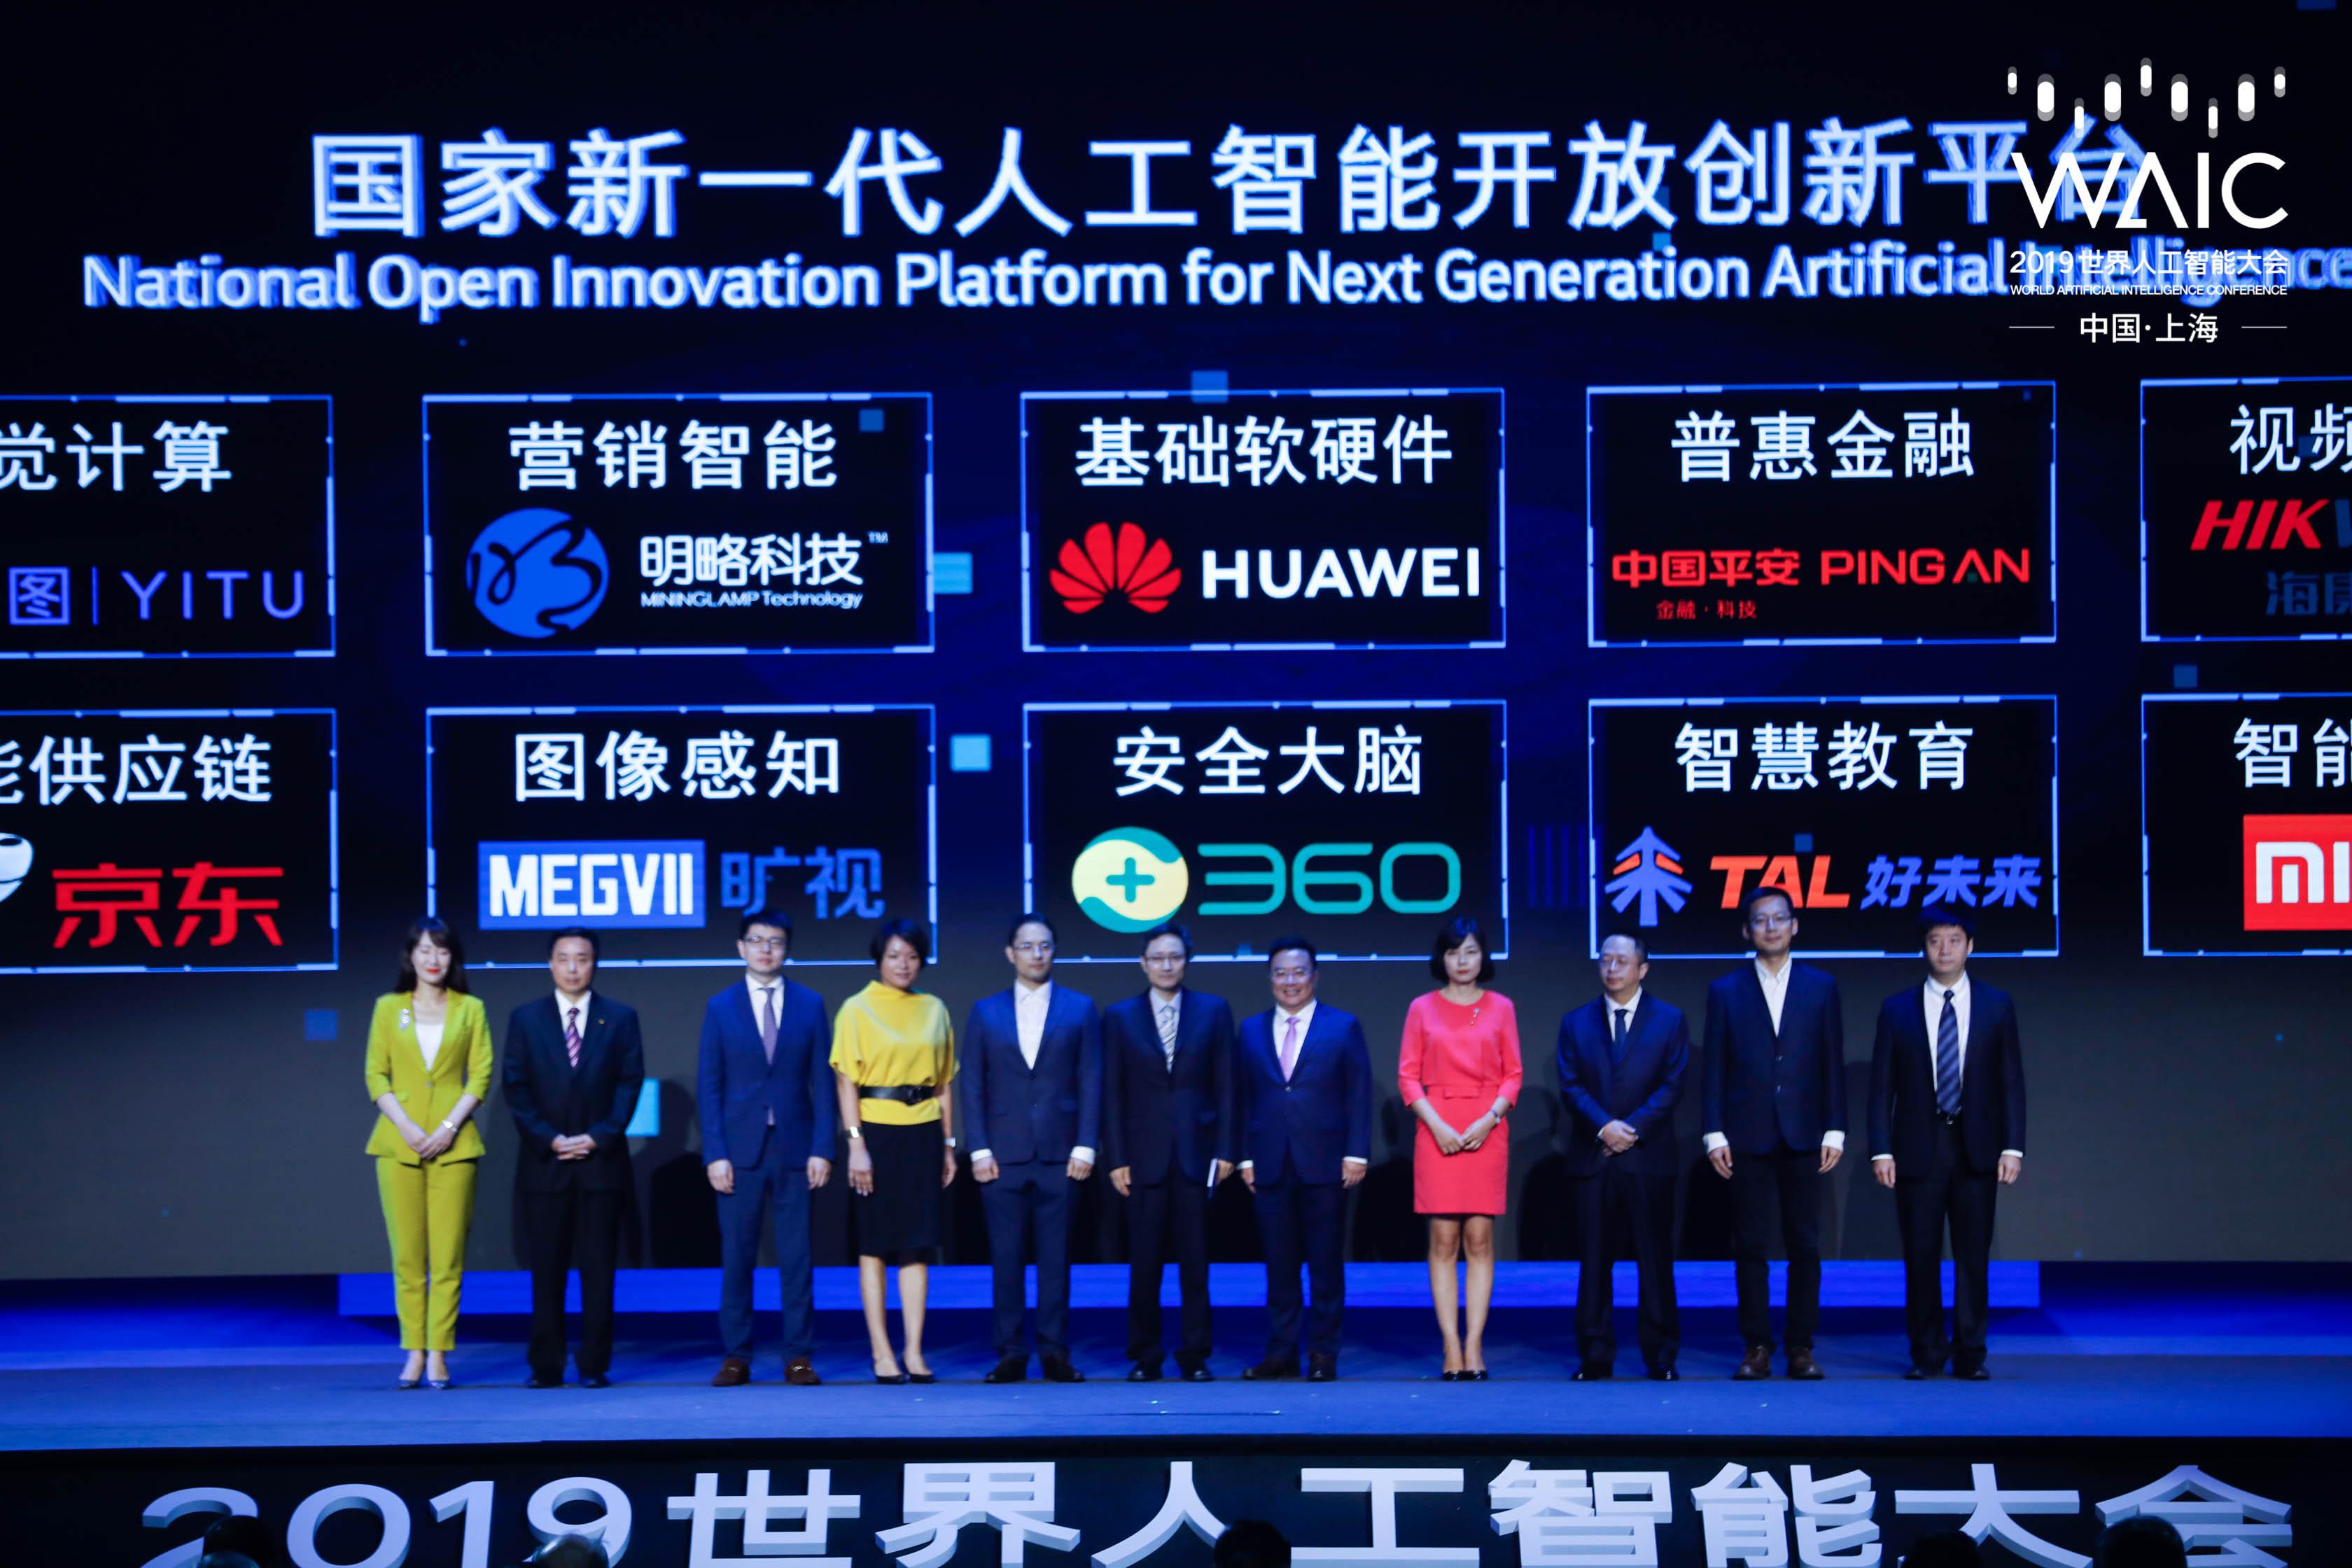 29日主会场-2发布新一比国家新一代人工智能开发创新平台1.jpg